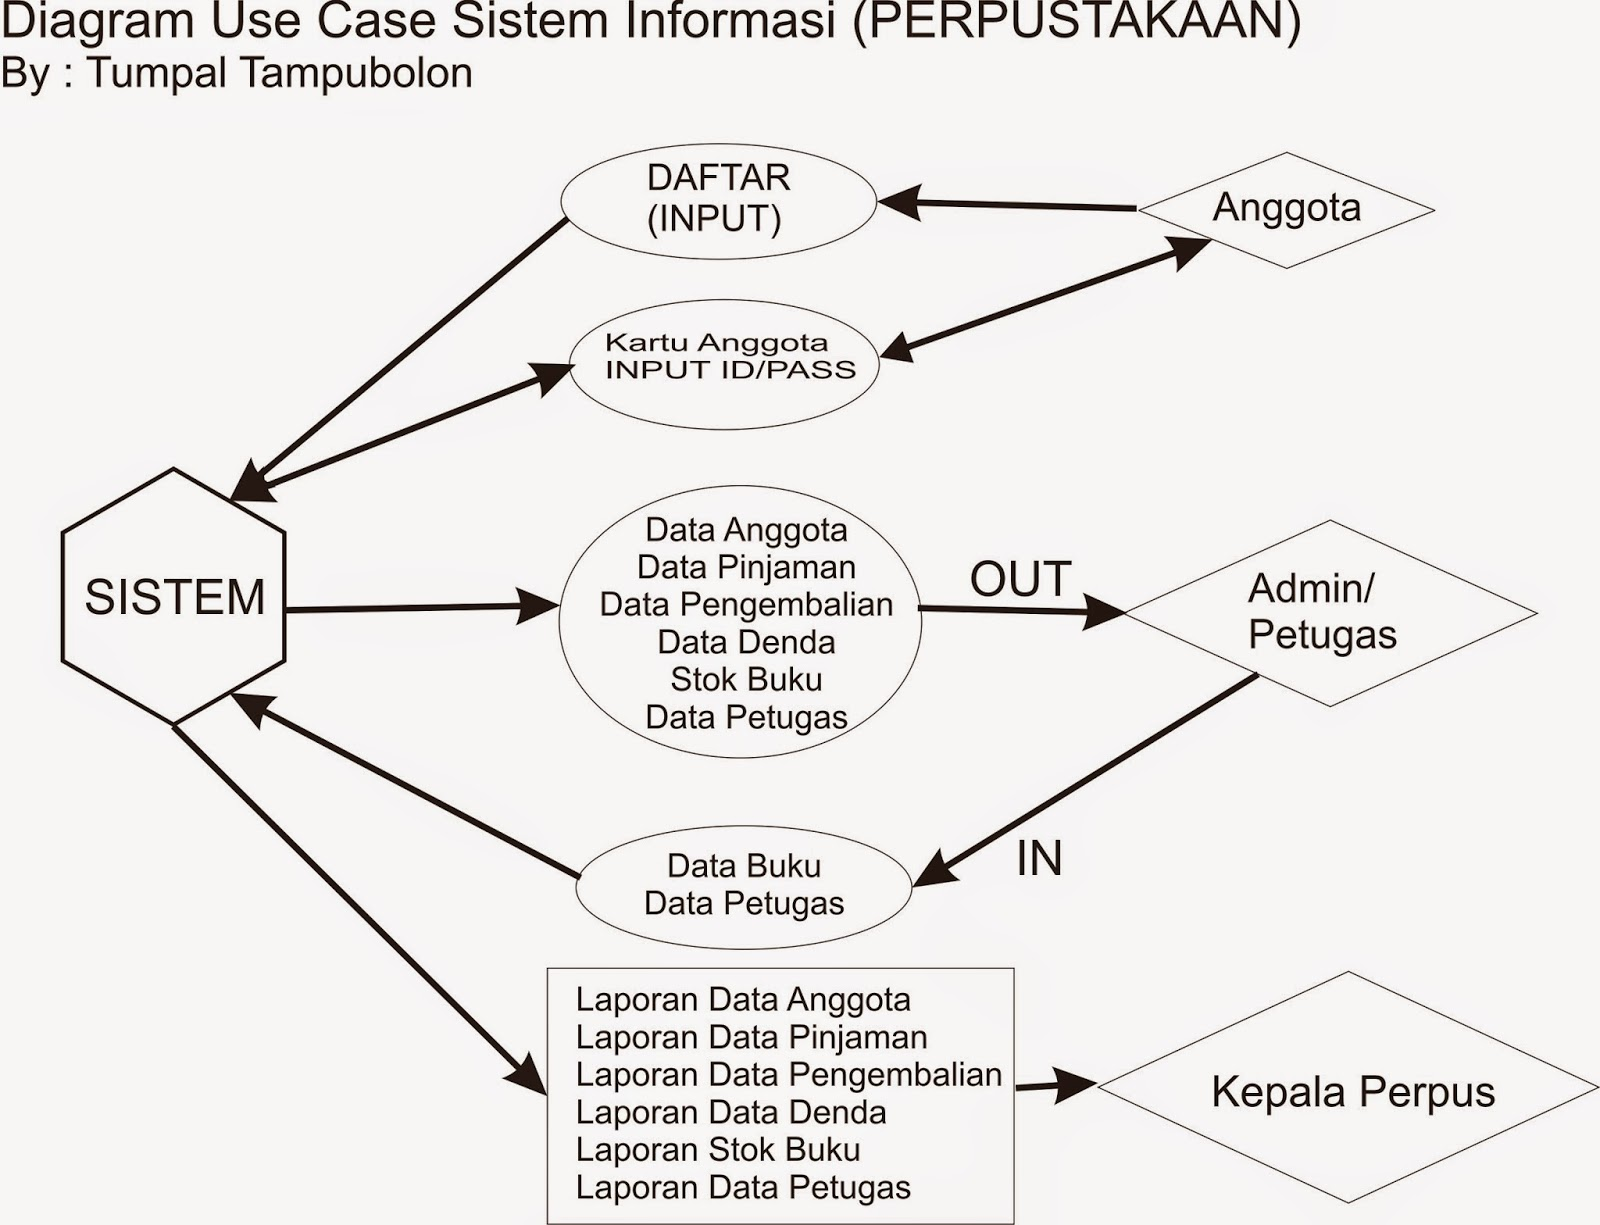 Dfd data flow diagram stok buku perpustakaan menggunakan use case berikut dfd perpus jika dikonversikan ke sistem informasi ccuart Image collections